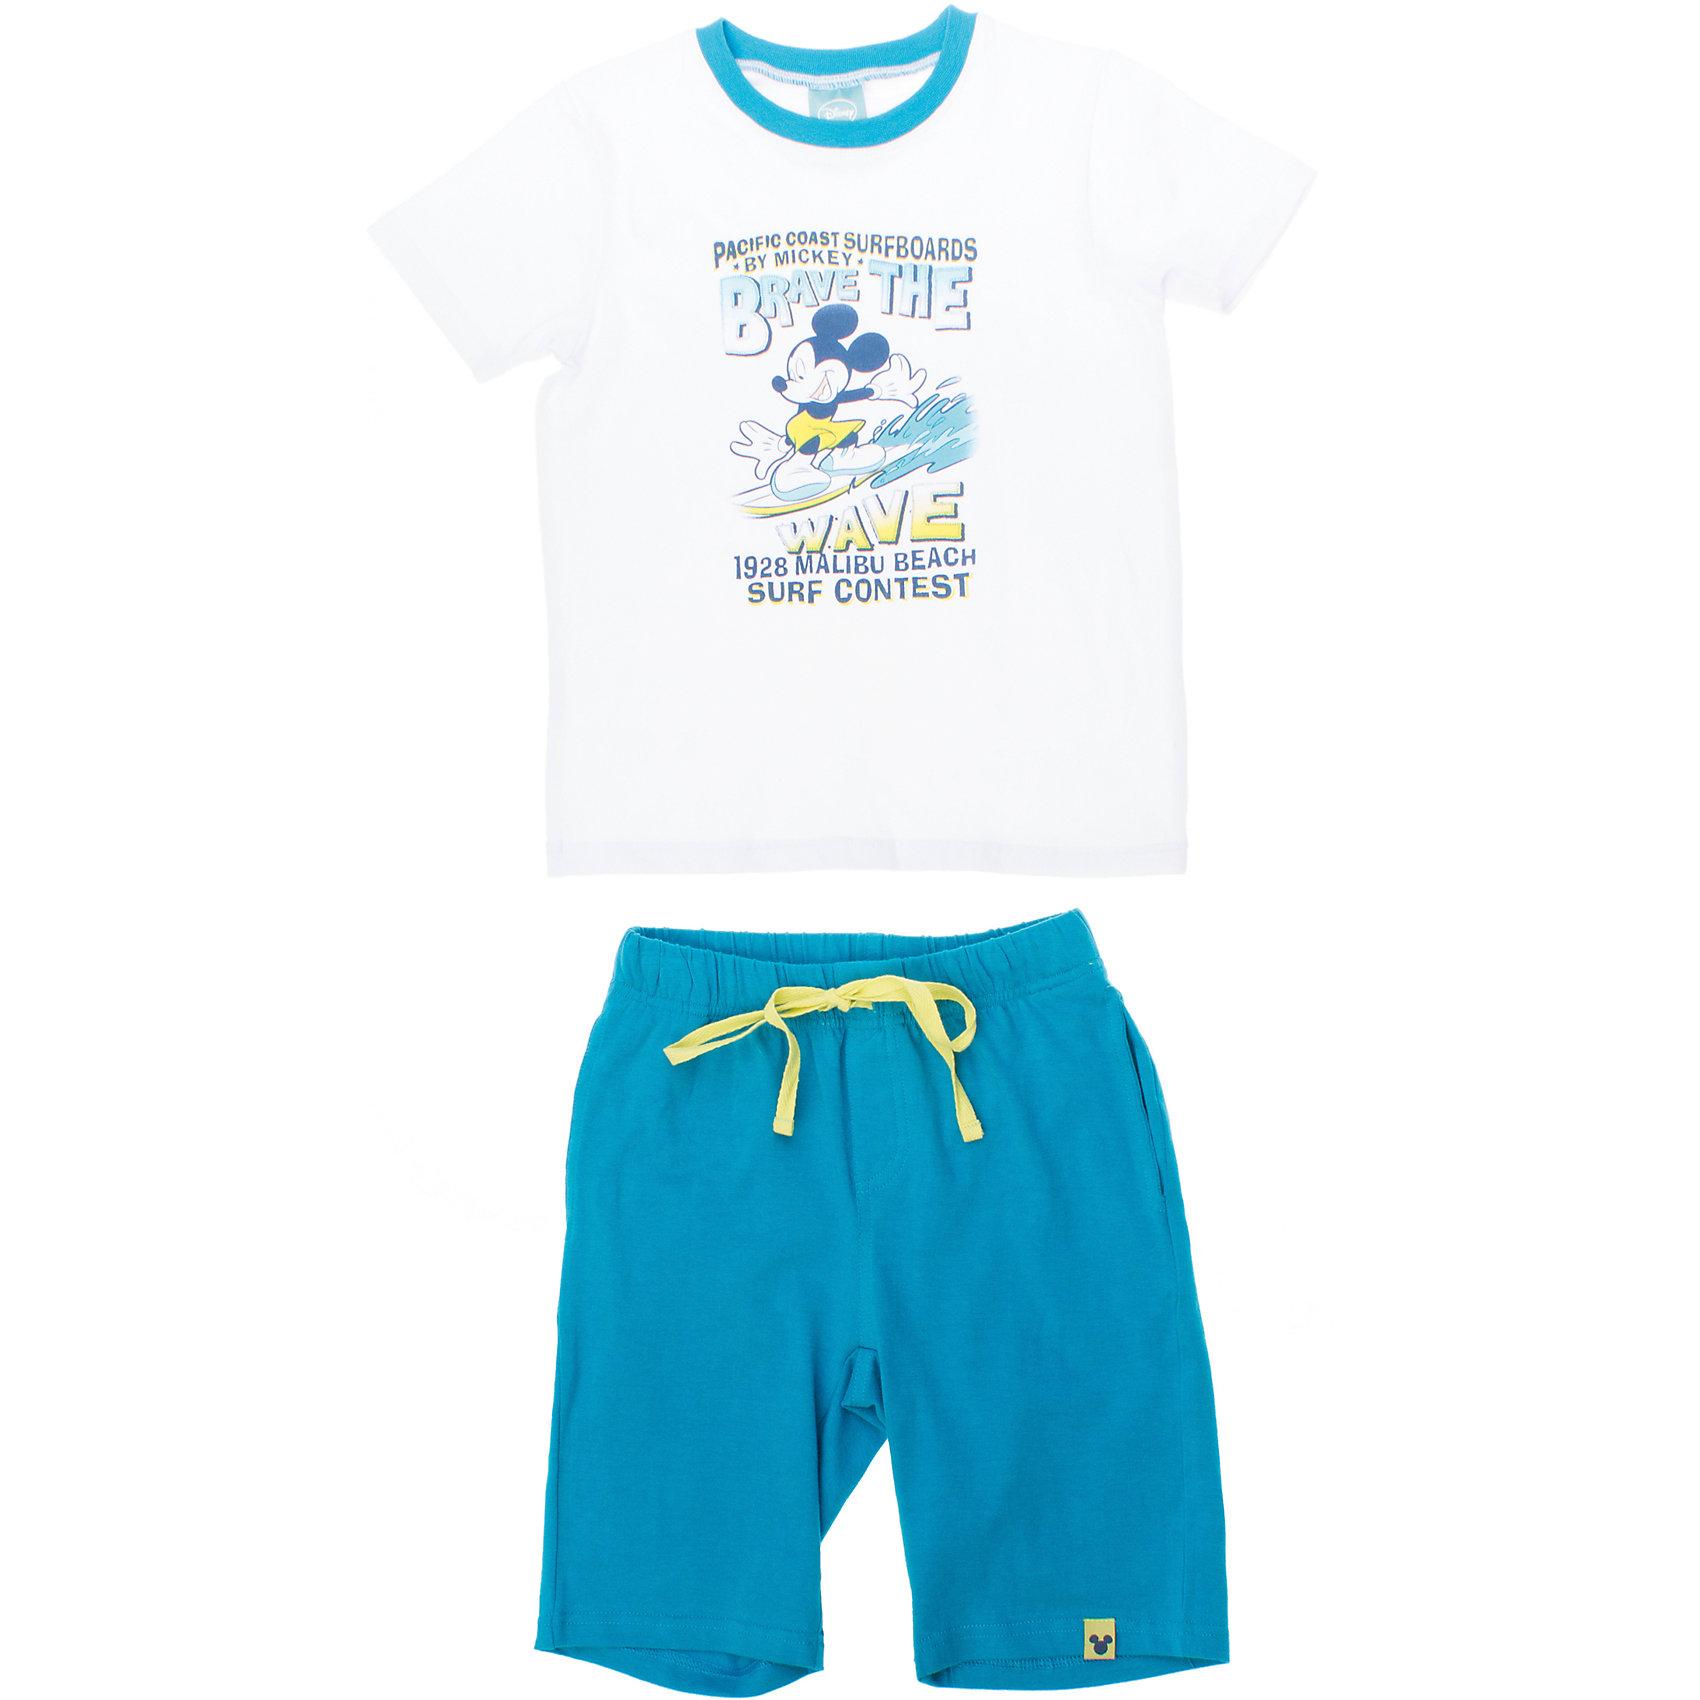 Комплект: футболка и шорты для мальчика PlayTodayКомплект: футболка и шорты для мальчика PlayToday <br><br>Состав: 95% хлопок, 5% эластан <br><br>Футболка:<br>Украшена водным принтом с Микки-Маусом<br>Воротник на мягкой резинке бирюзового цвета<br>Шорты:<br>Яркий бирюзовый цвет<br>Пояс на резинке<br>Есть утягивающий шнурок<br><br>Ширина мм: 199<br>Глубина мм: 10<br>Высота мм: 161<br>Вес г: 151<br>Цвет: разноцветный<br>Возраст от месяцев: 60<br>Возраст до месяцев: 72<br>Пол: Мужской<br>Возраст: Детский<br>Размер: 110,98,104,116,122,128<br>SKU: 4503562